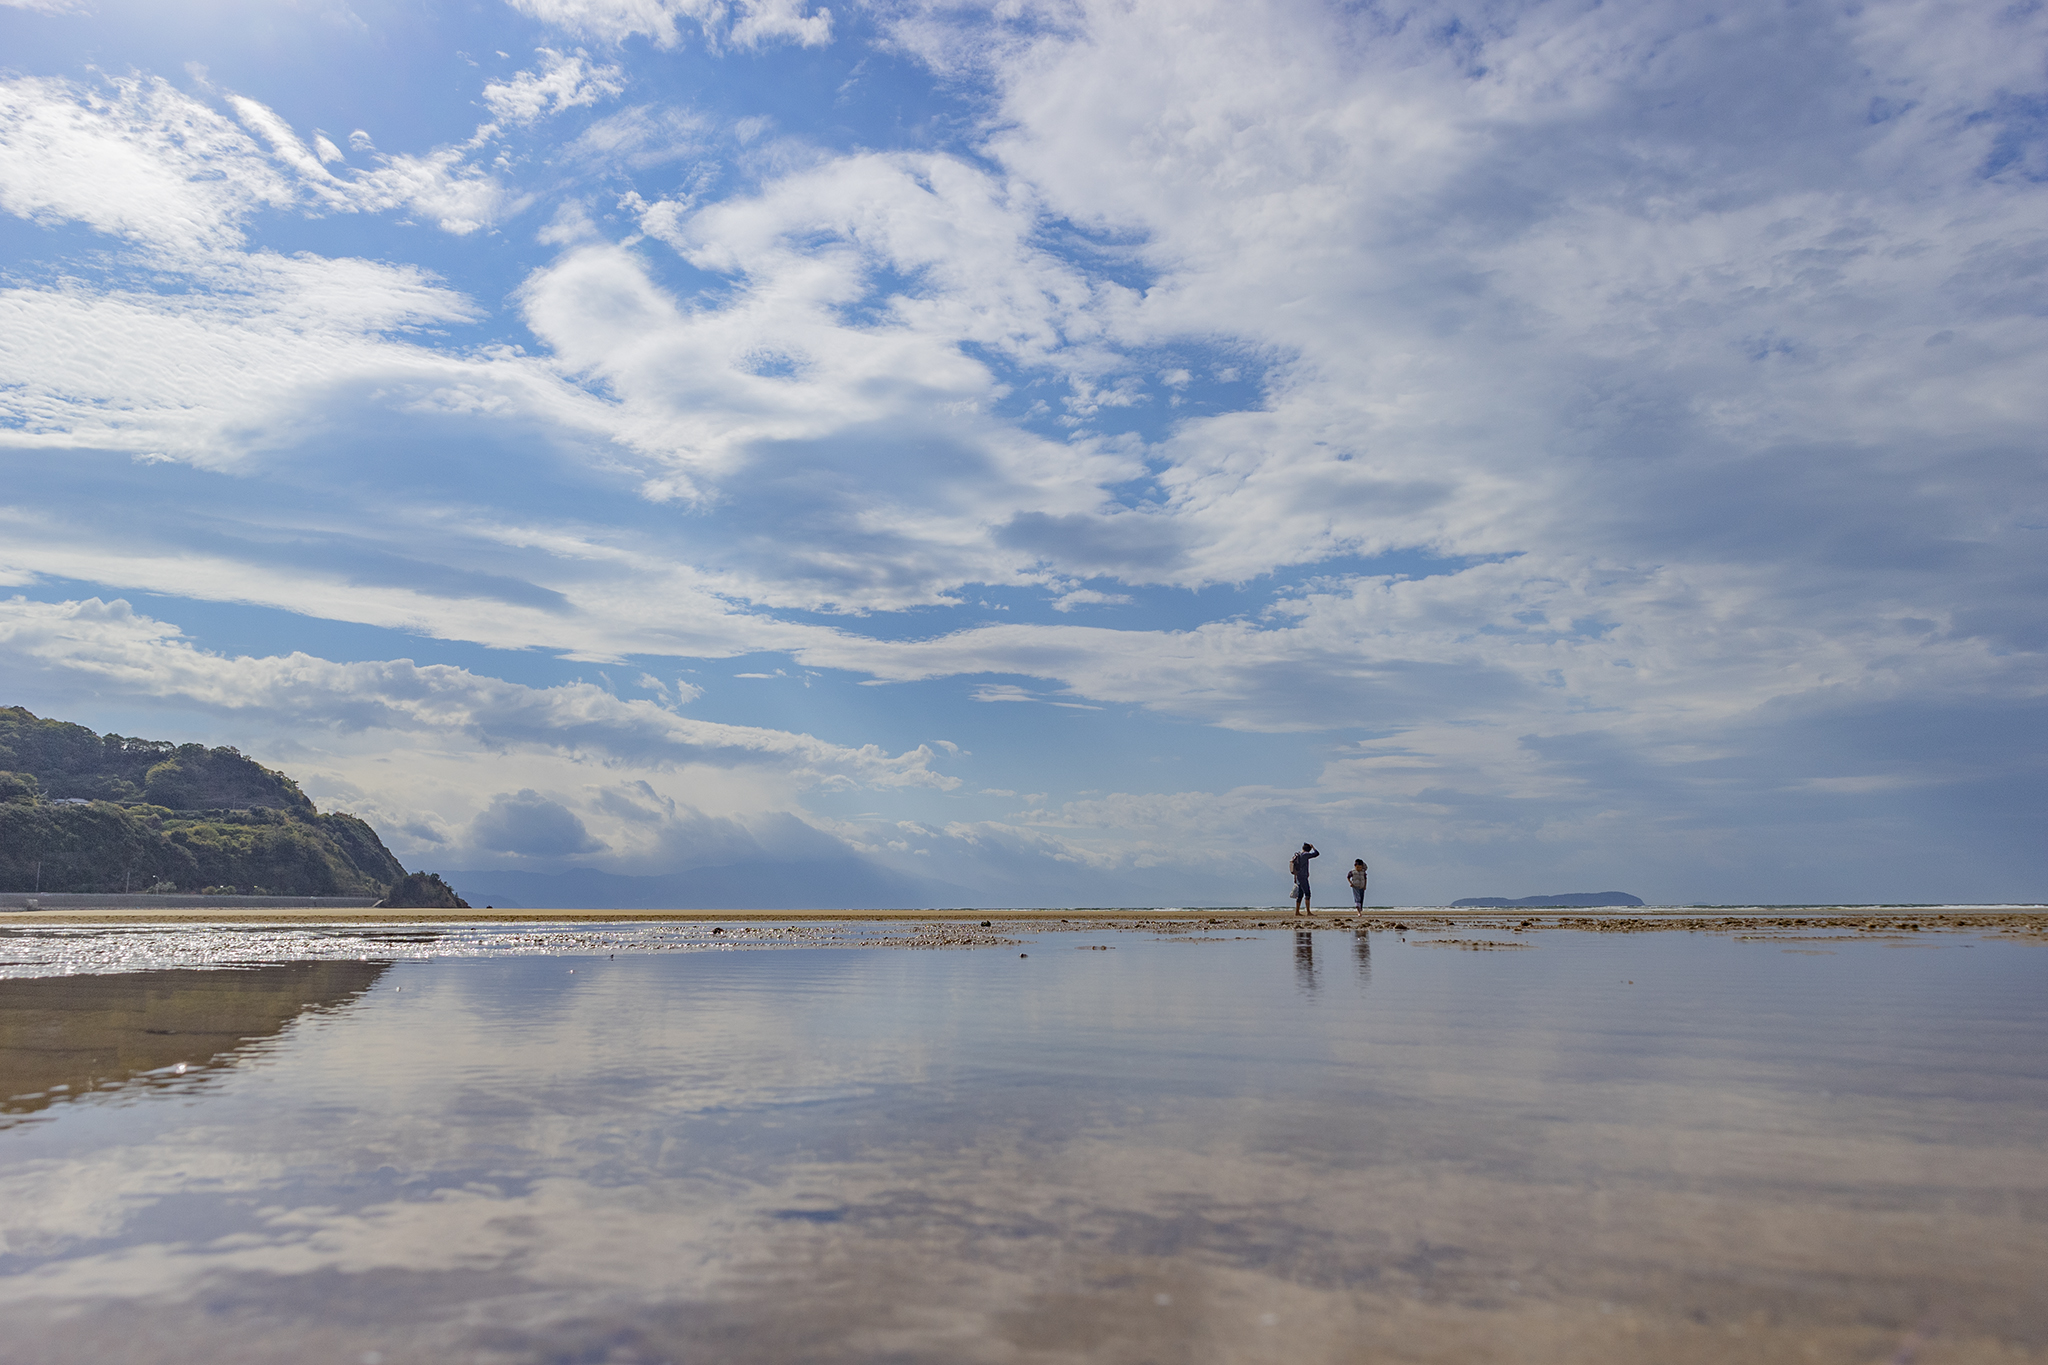 強風曇り月曜日の朝「父母ヶ浜(ちちぶがはま)」に行ってみた。